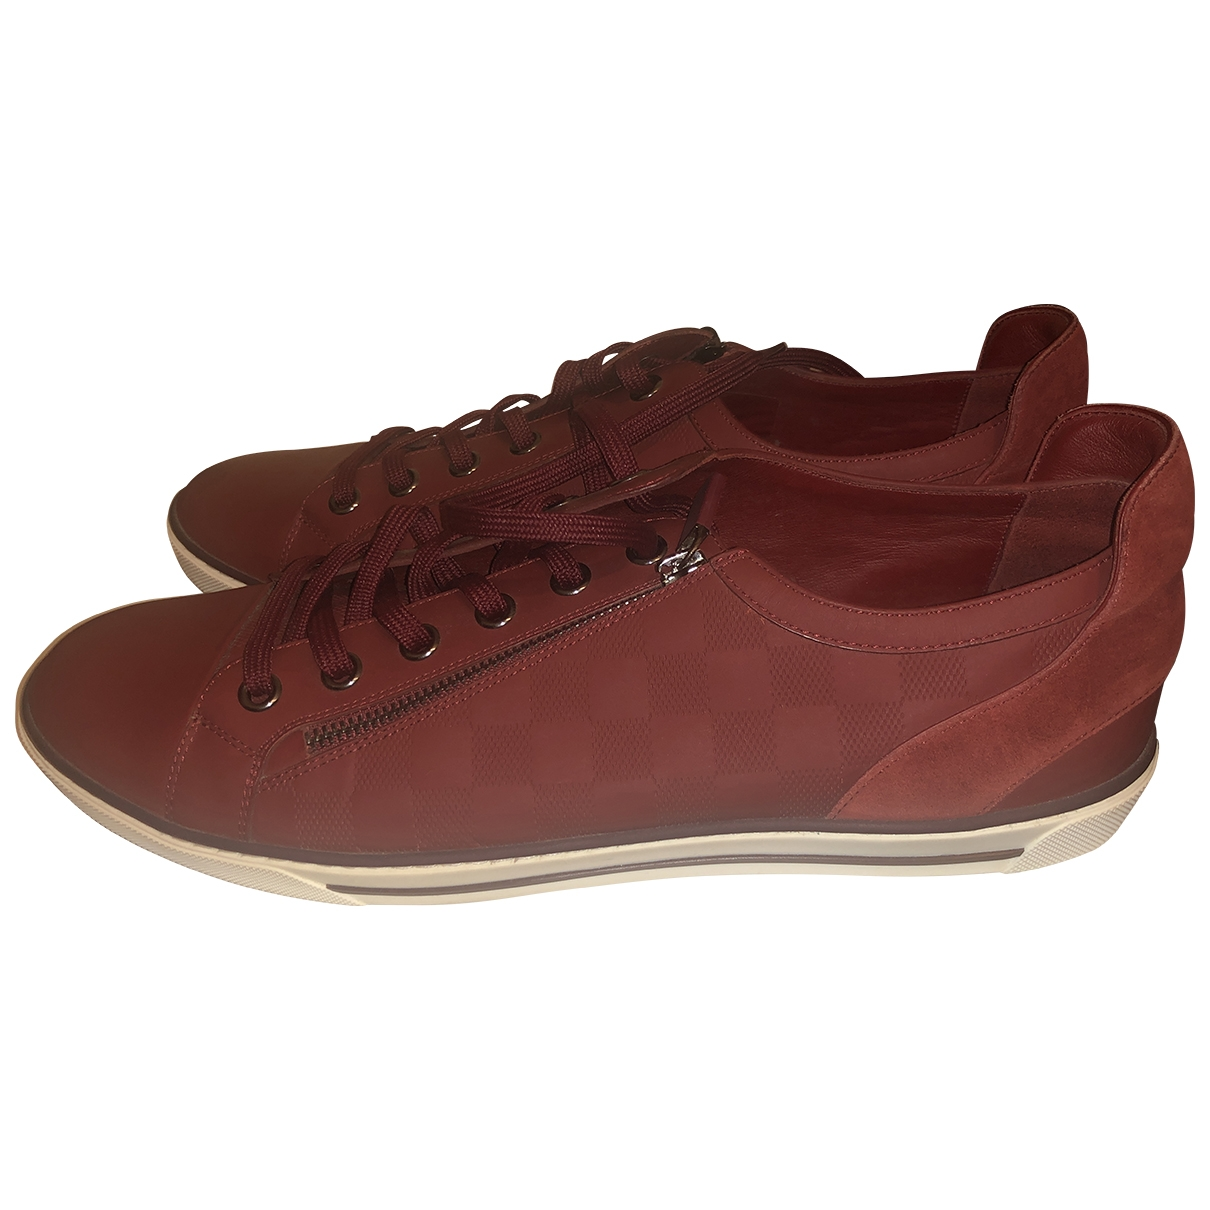 Louis Vuitton - Baskets FrontRow pour femme en cuir - rouge